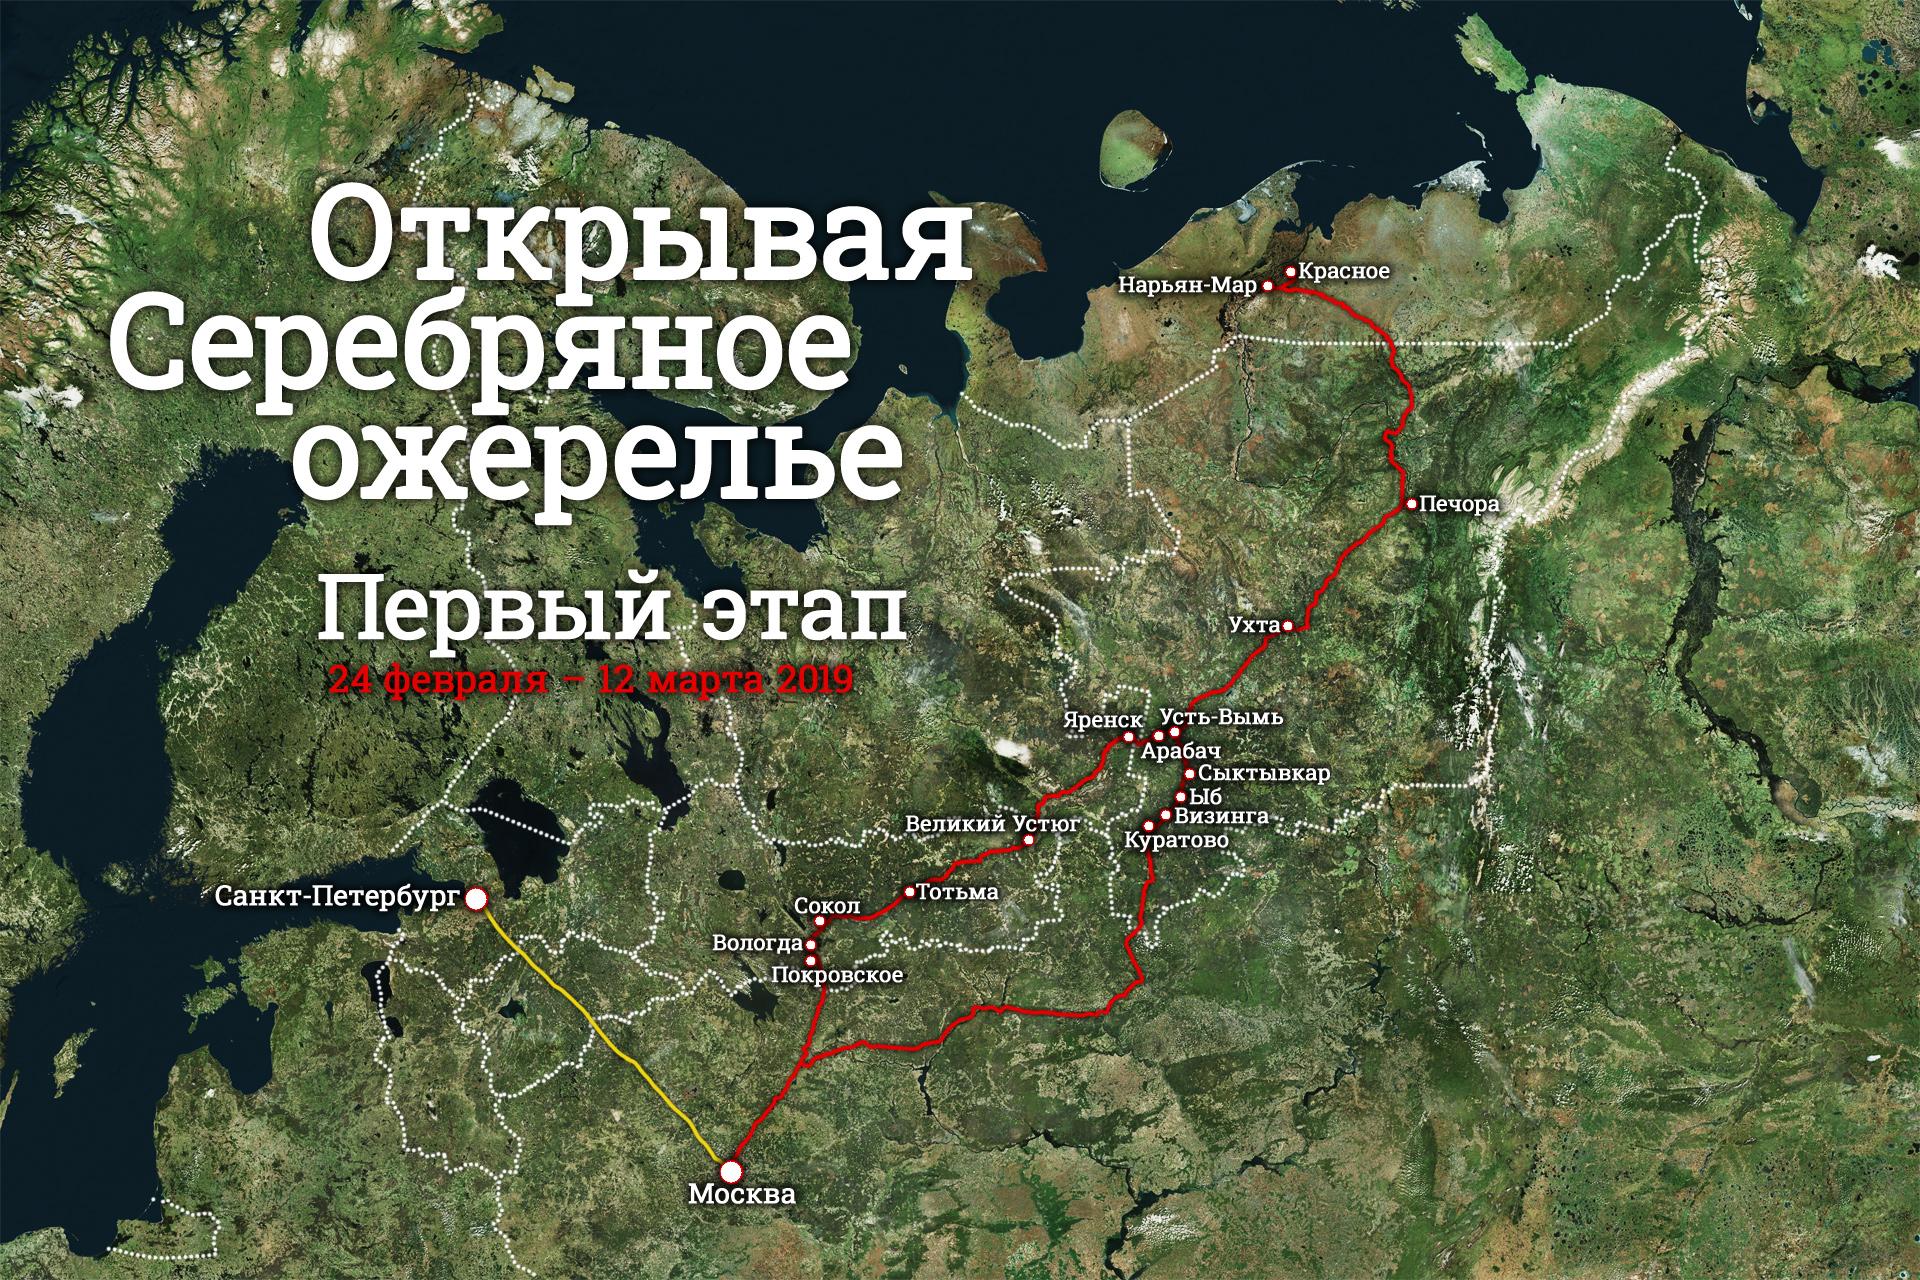 Маршрут путешествия «Открывая Серебряное ожерелье: первый этап»